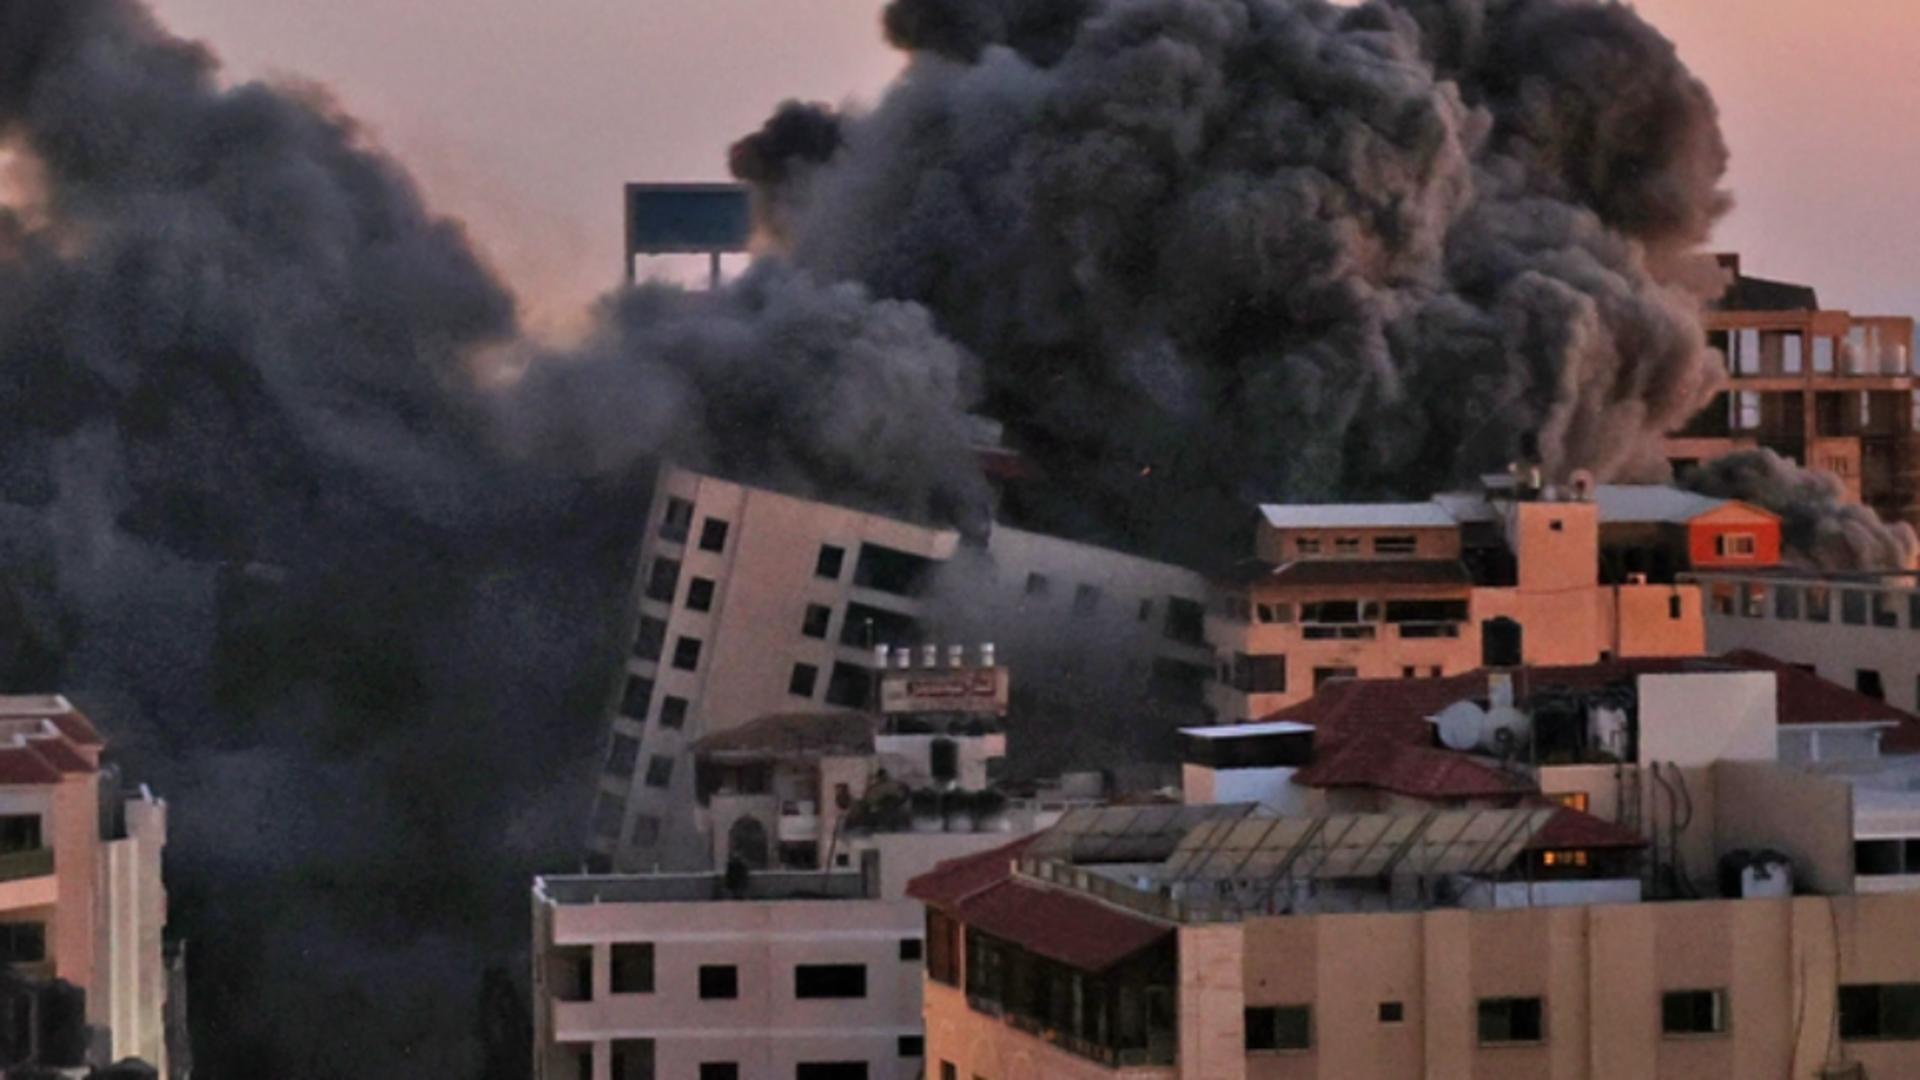 Clădire prăbușită în Gaza. Foto: Twitter Mark Slapinski